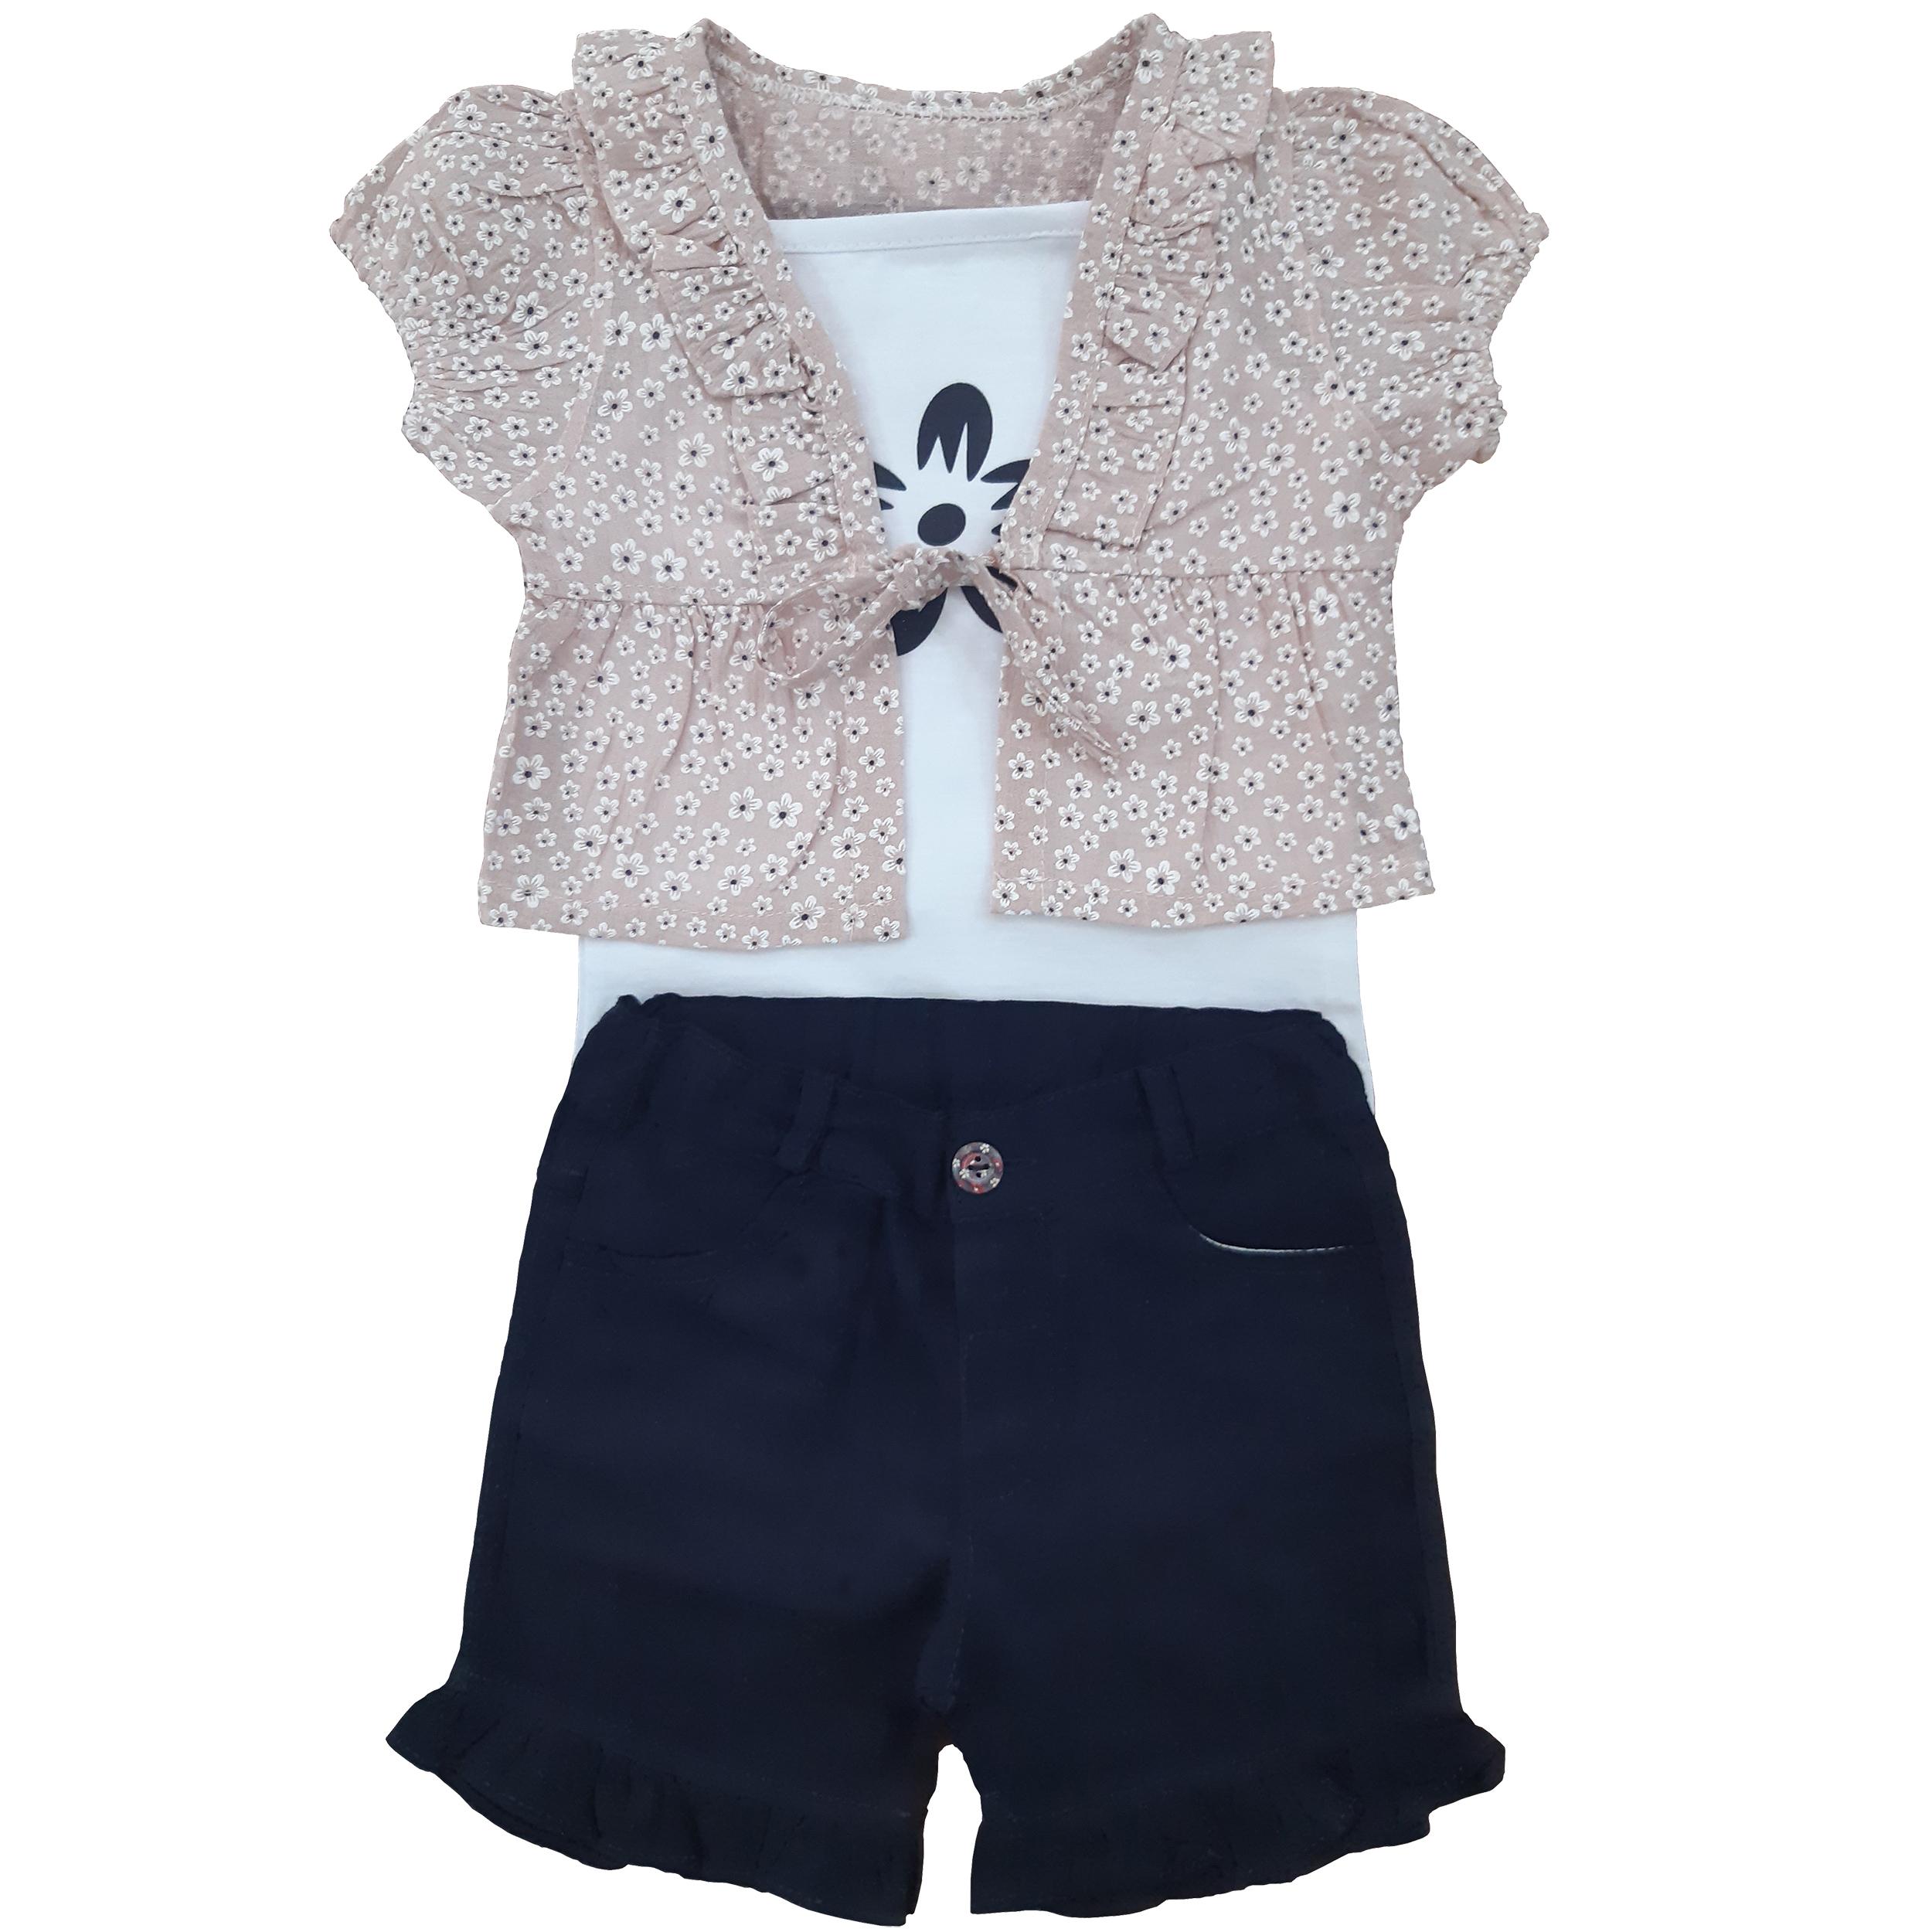 ست سه تکه لباس نوزادی دخترانه مدل بهار کد p1013